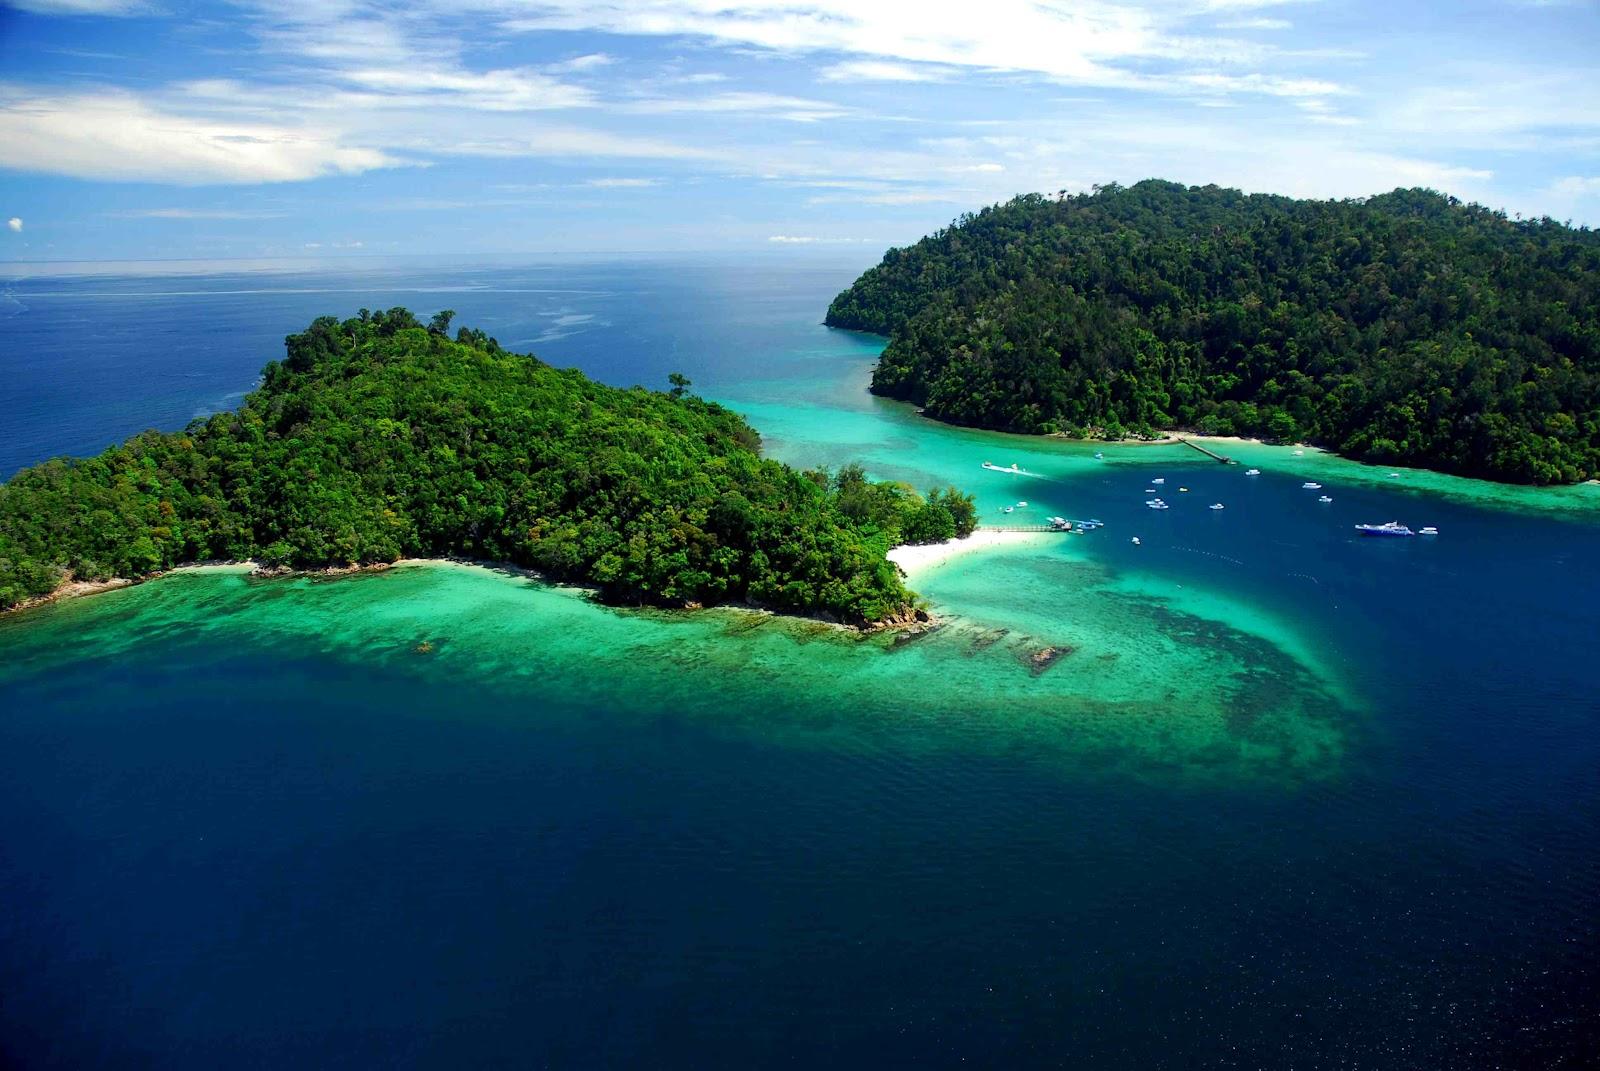 """Hè này muốn """"detox"""" cho tâm hồn thì không thể bỏ qua thiên đường biển đảo Kota Kinabalu - Ảnh 6."""